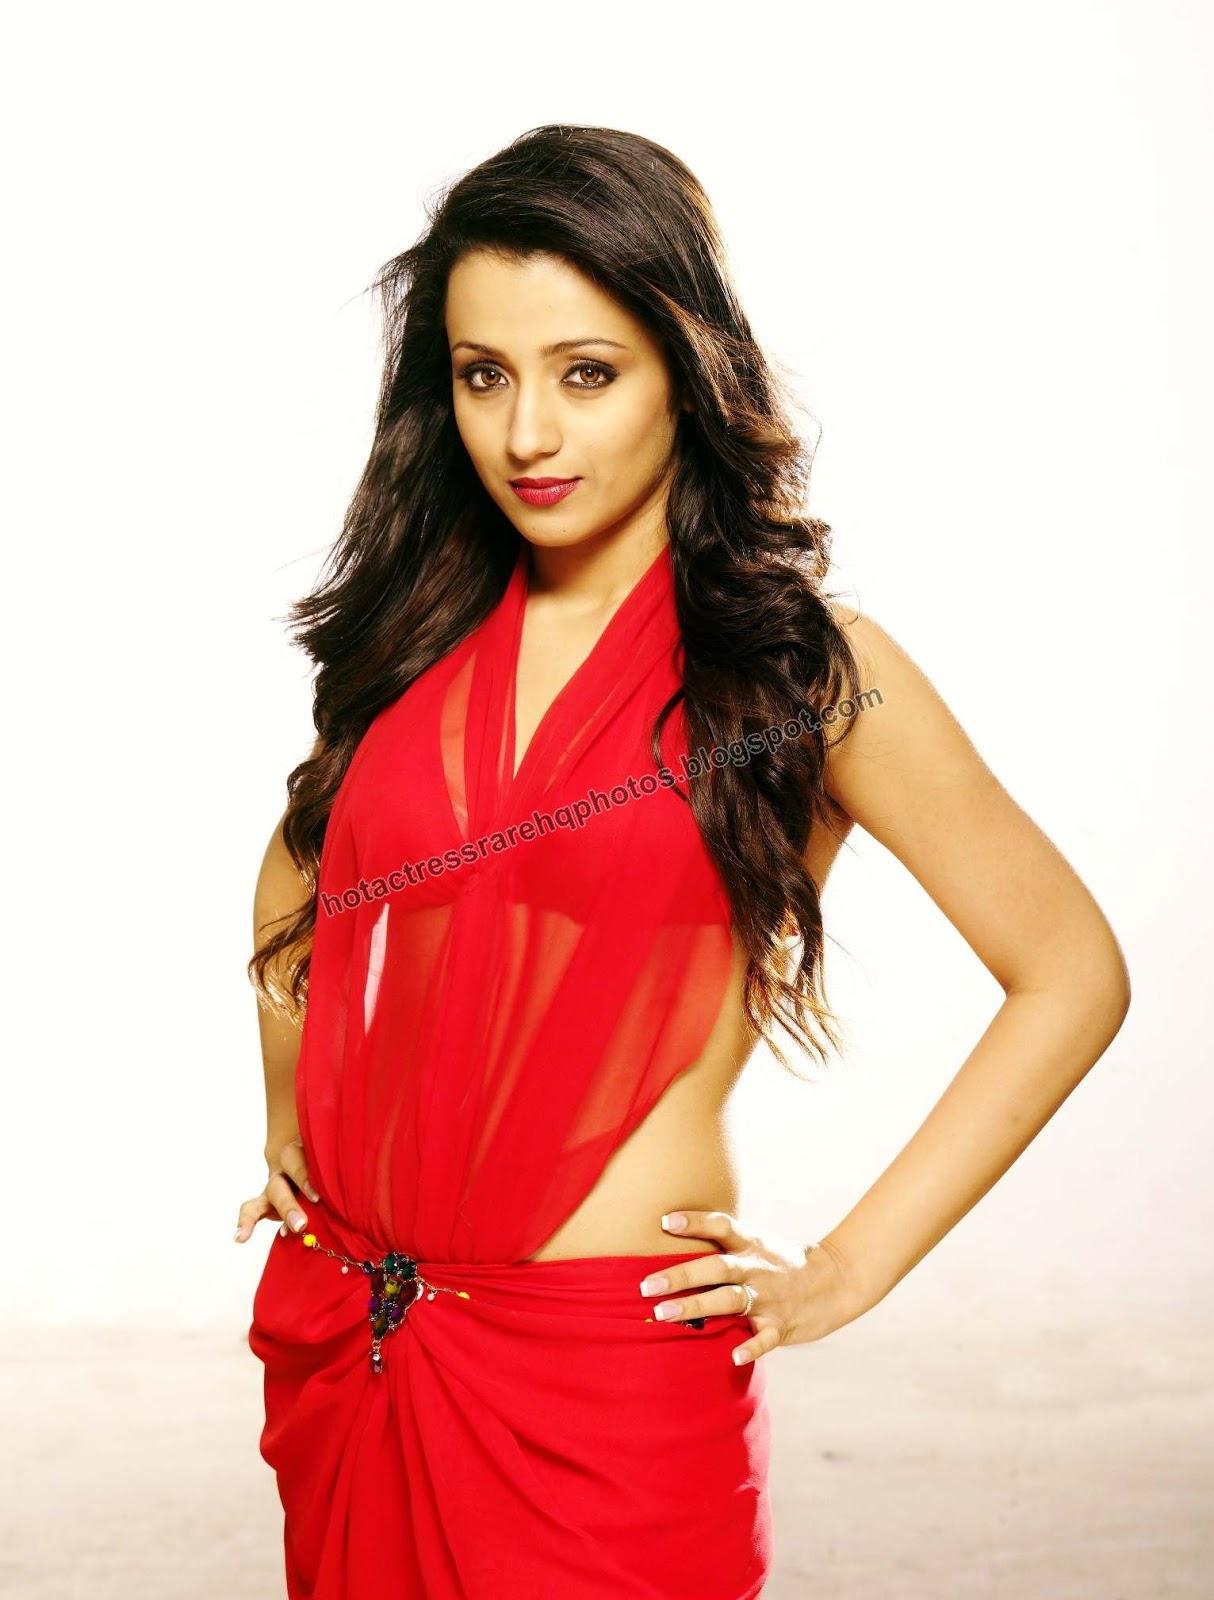 Hot Indian Actress Rare HQ Photos: Tamil Actress Trisha ...